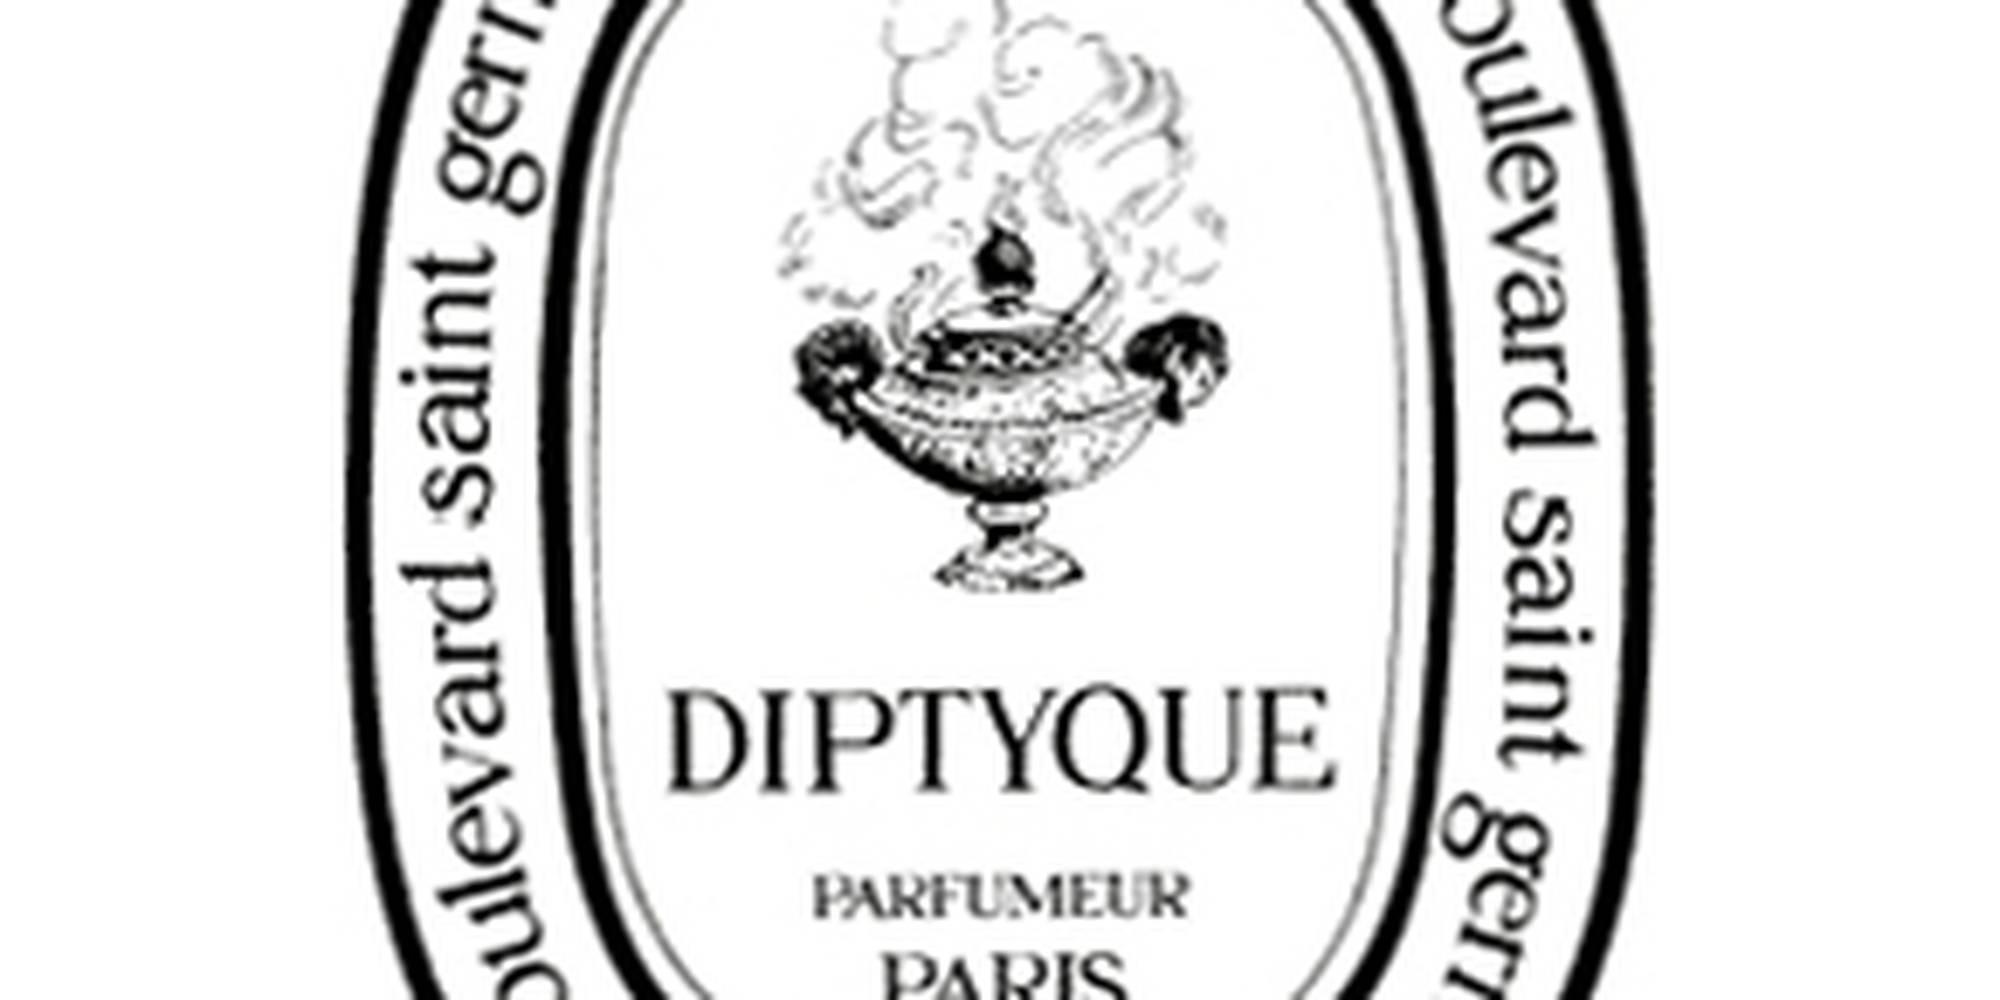 dipt_logo.jpg